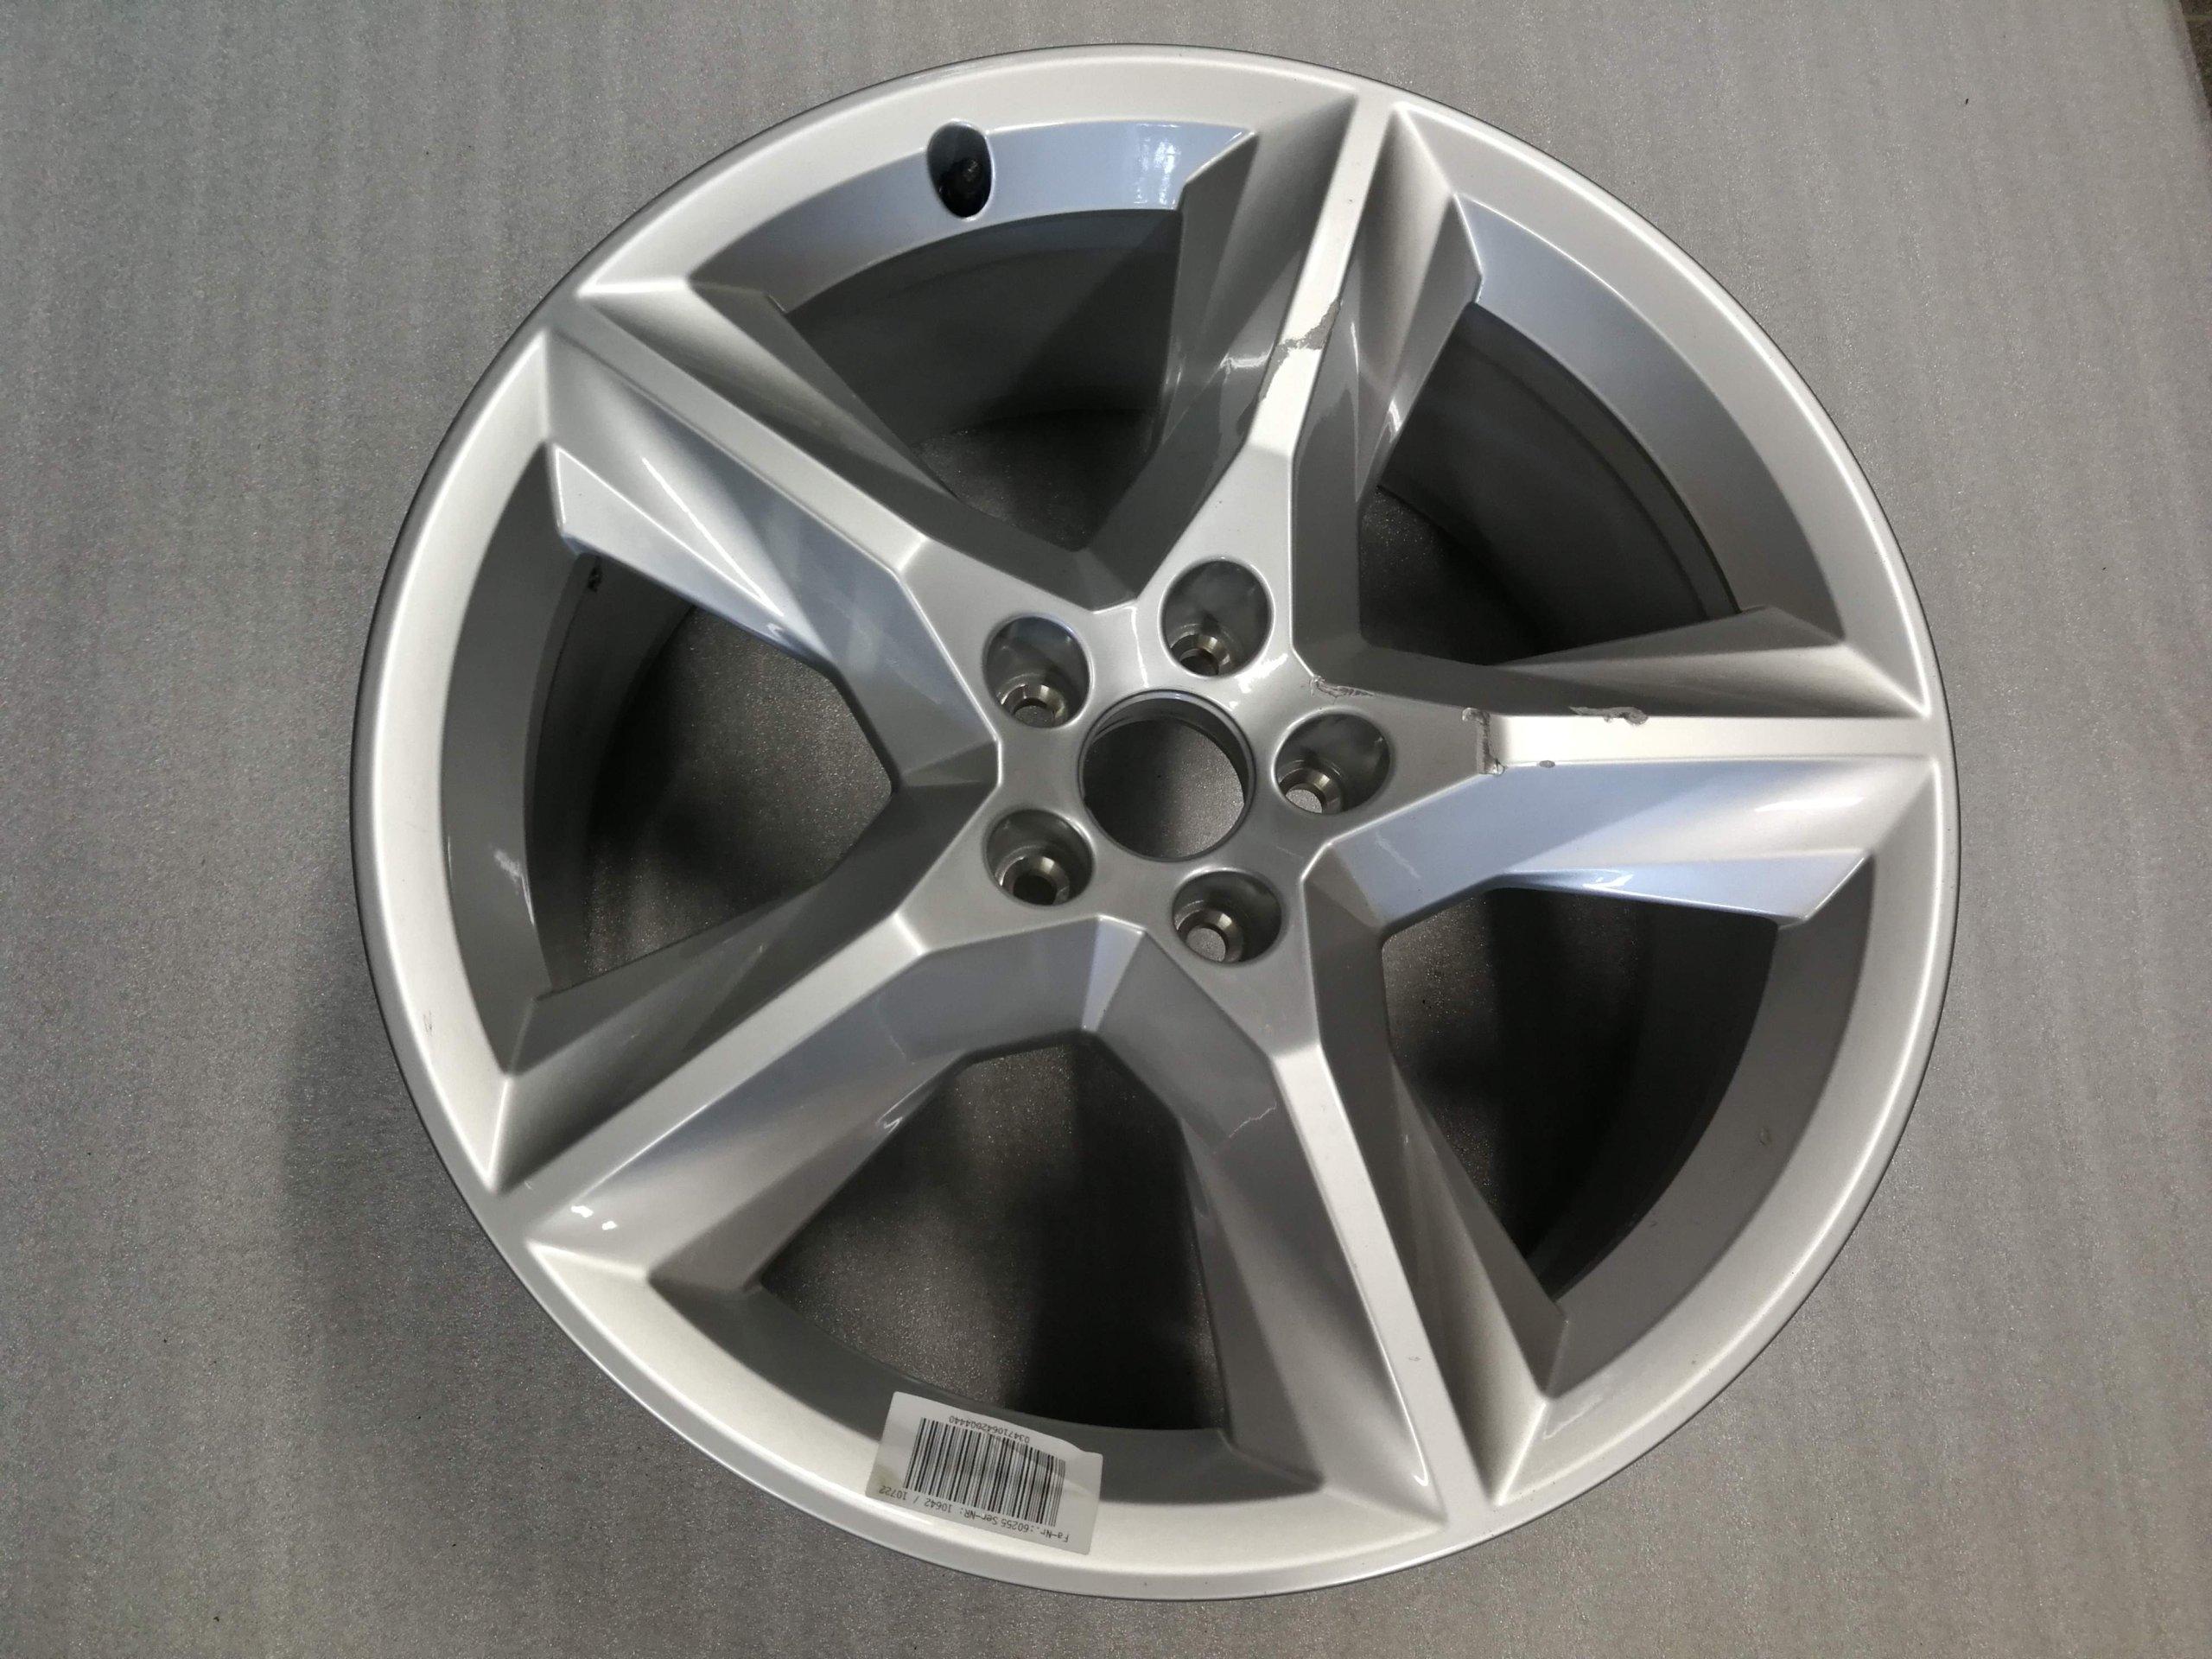 Felga Aluminiowa 19 Do Audi Q7 4m0 601 025 Ac 7375157399 Allegropl